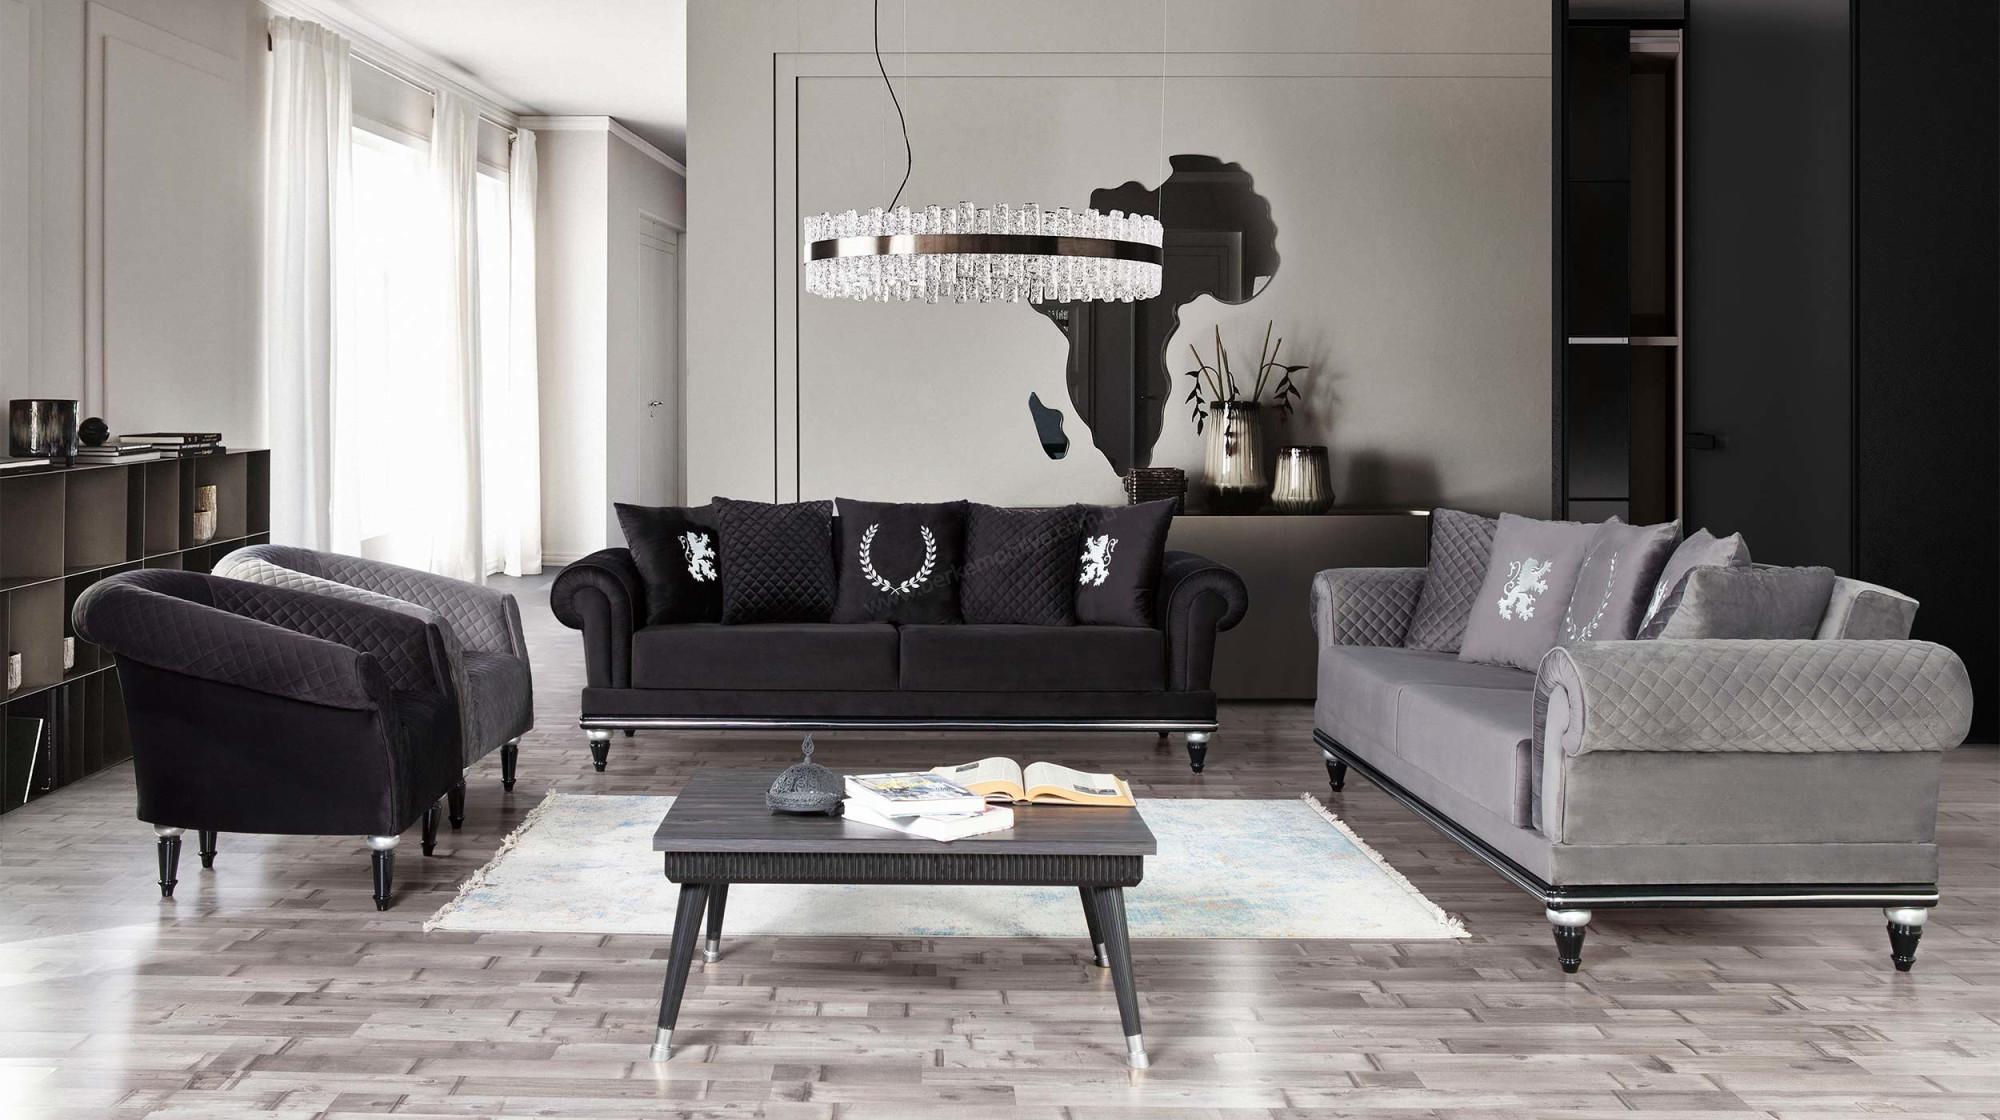 Oturma Odası Dekorasyonunda 5 Önemli Parça